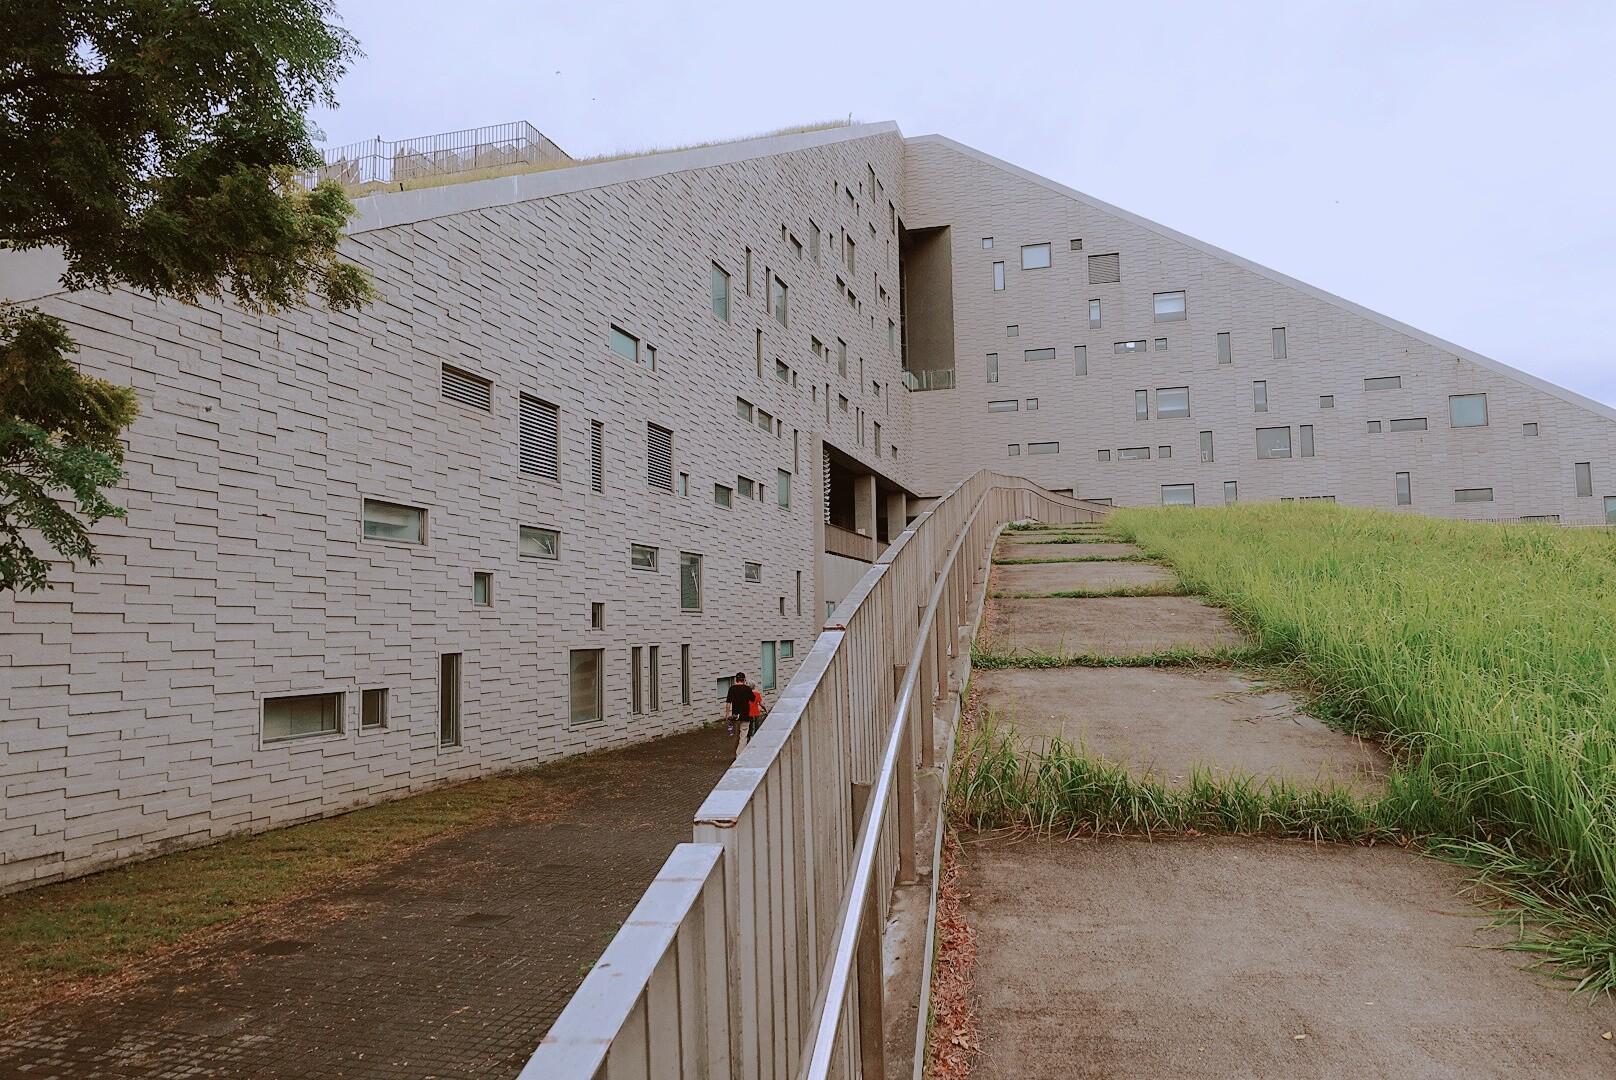 【台東市區】台東大學圖書館|世界八大特色圖書館|超美金字塔外形